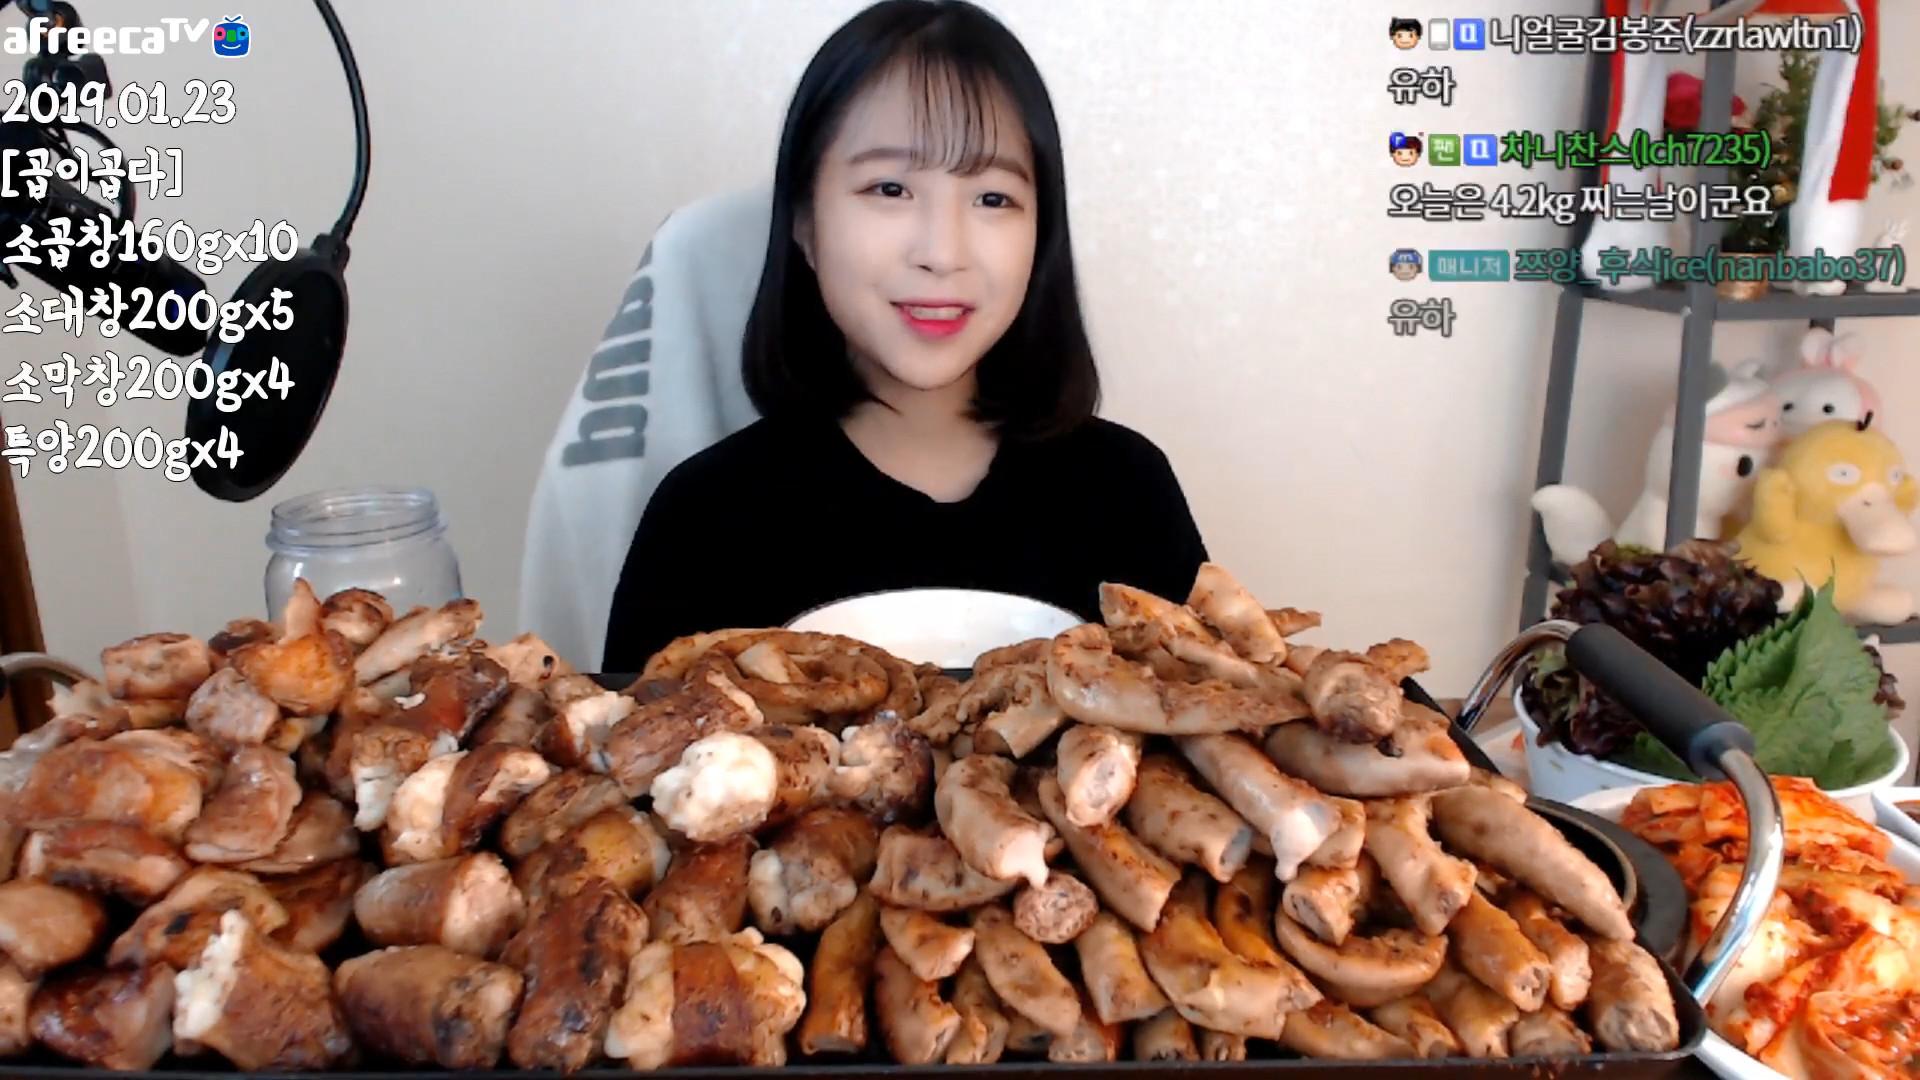 ▲▼女孩吃23人份烤腸(圖/翻攝自Youtube@tzuyang쯔양)